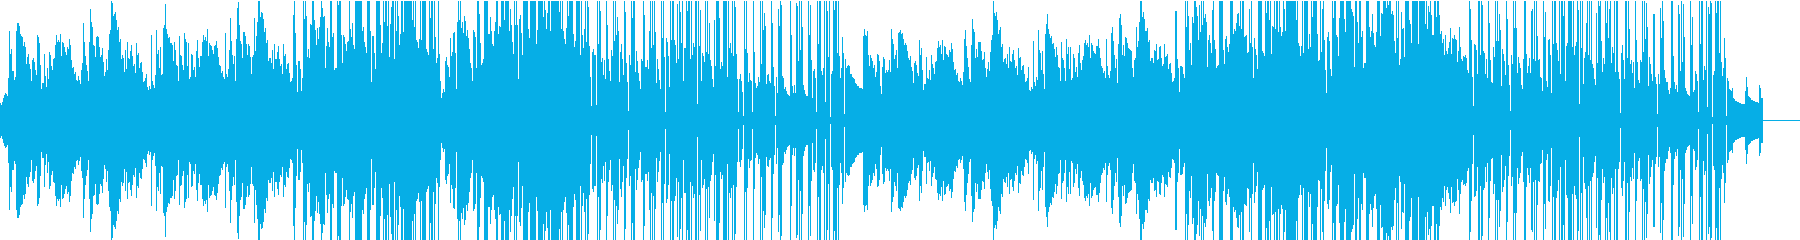 重厚なピアノが特徴のバラードの再生済みの波形